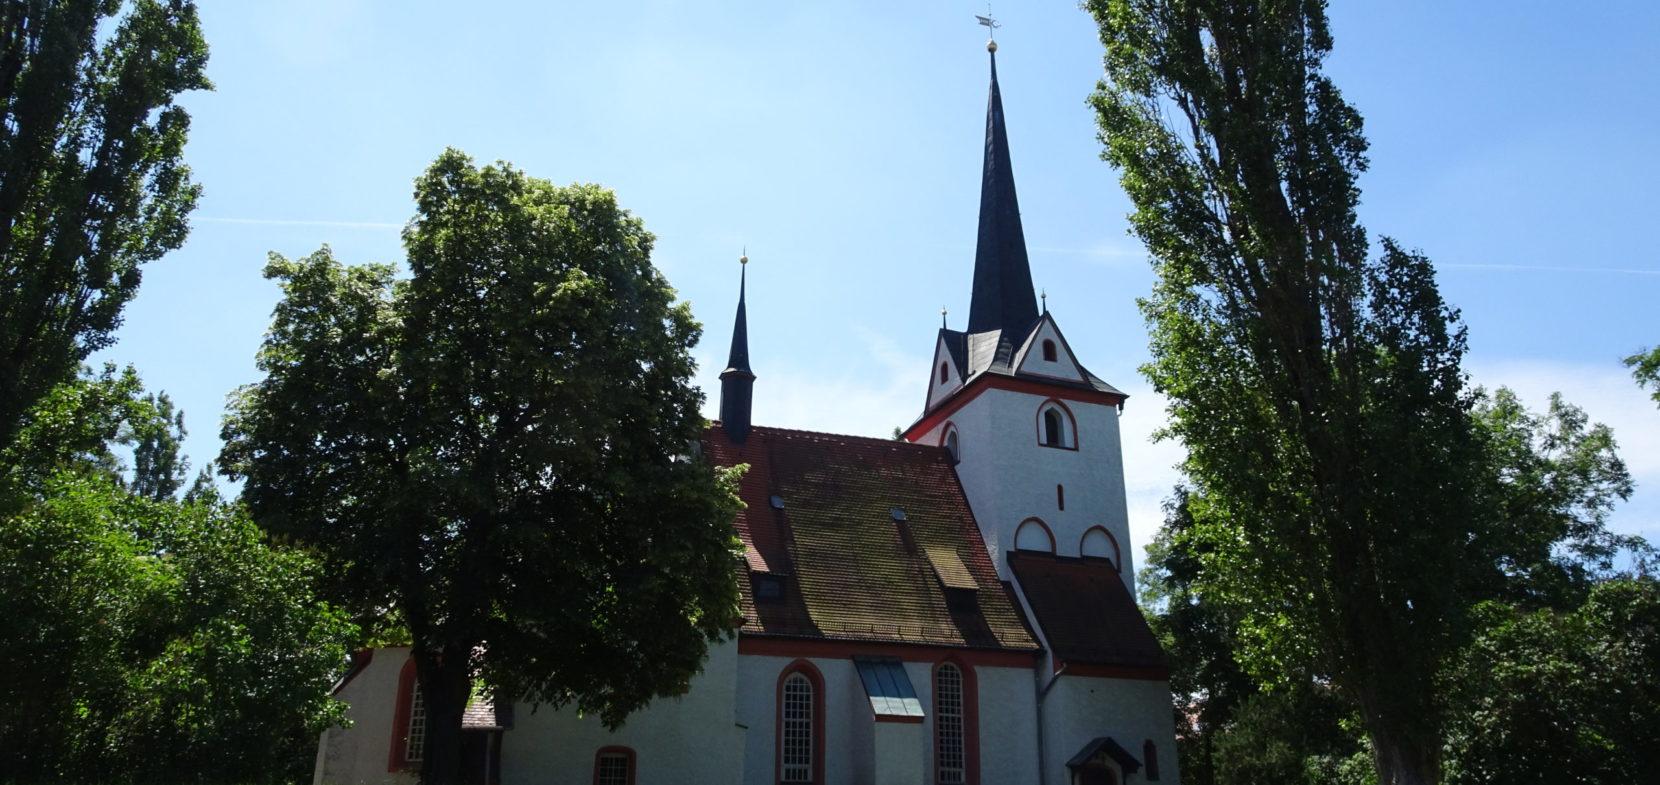 Förderverein Gemeindeaufbau der Ev.-Luth. Gnadenkirche Leipzig-Wahren e.V.